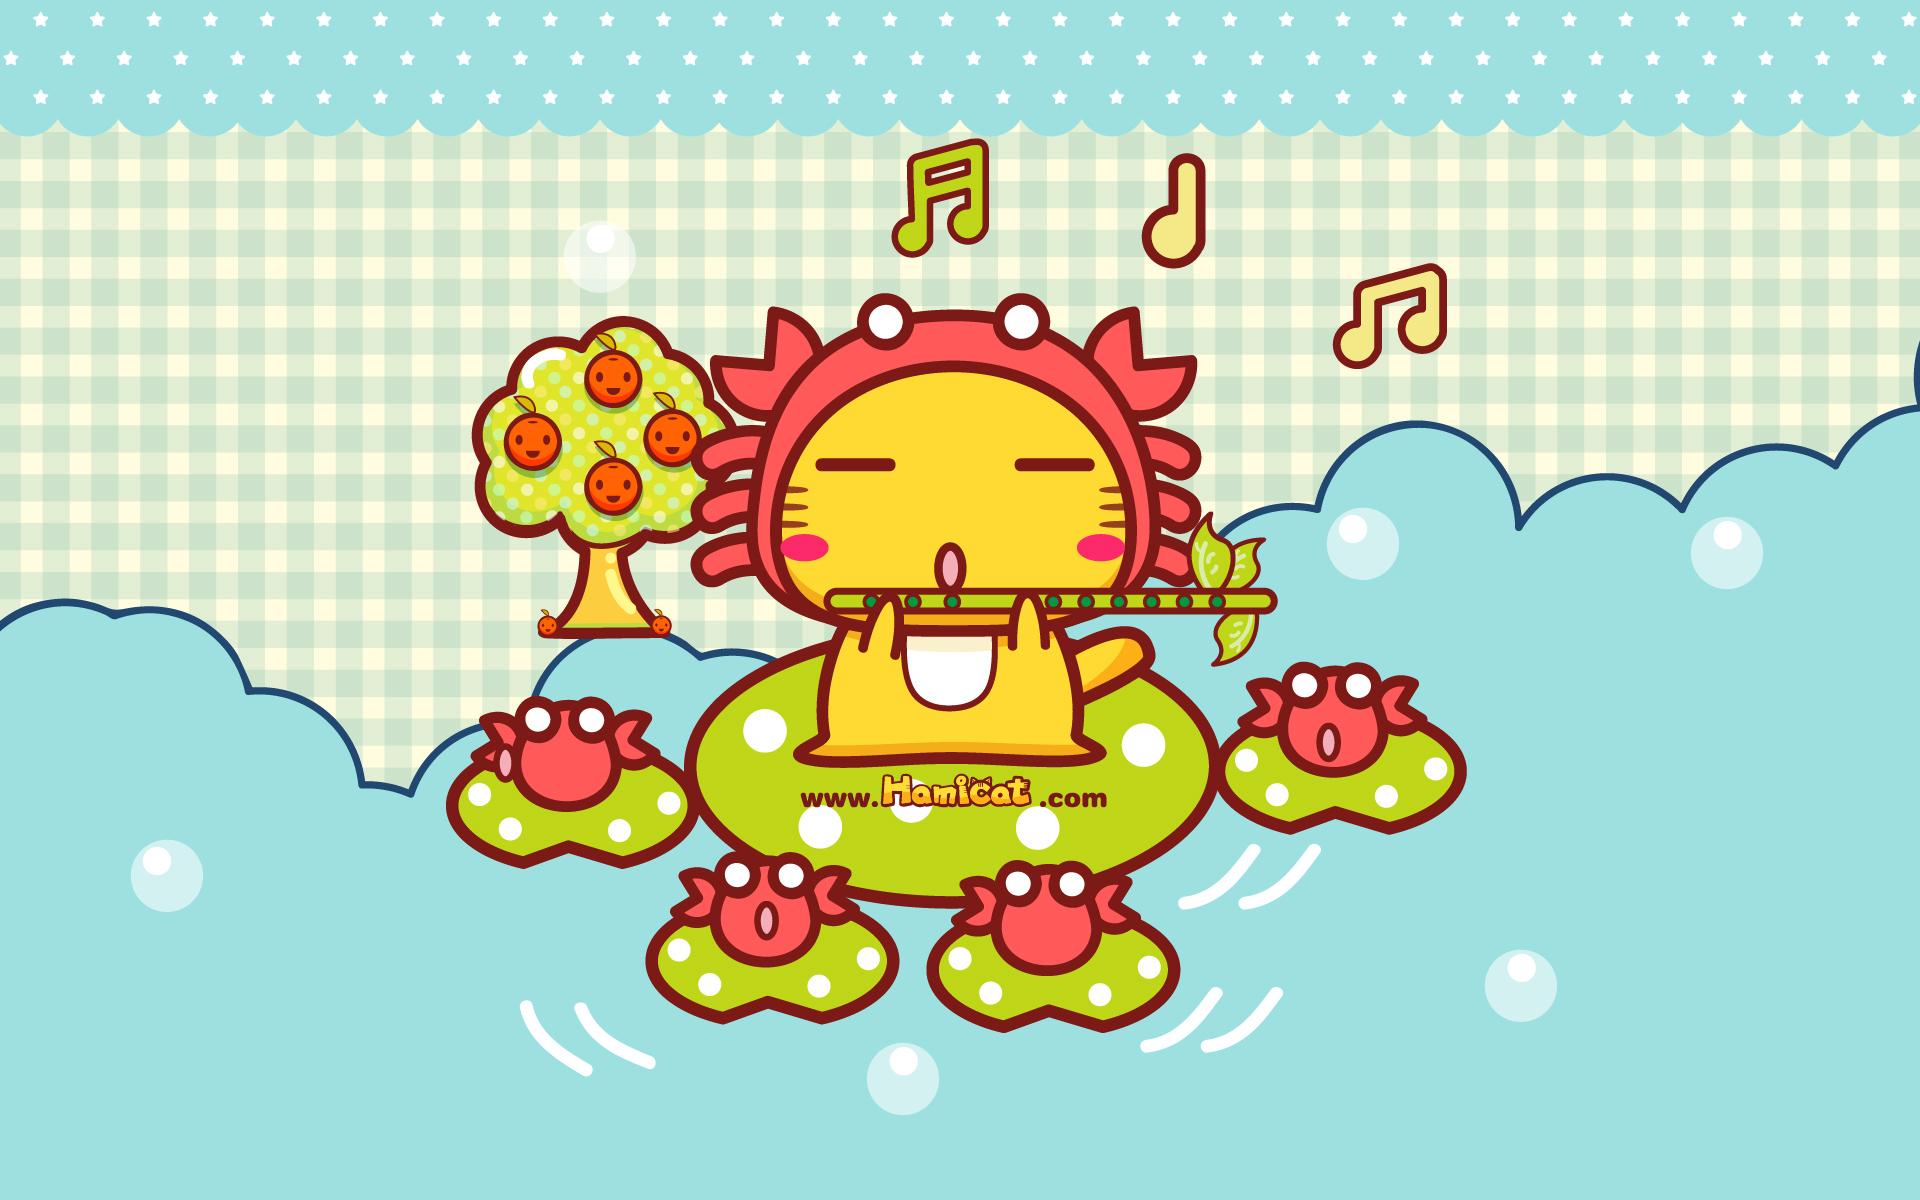 精选12星座音乐猫之巨蟹座ppt背景图片下载